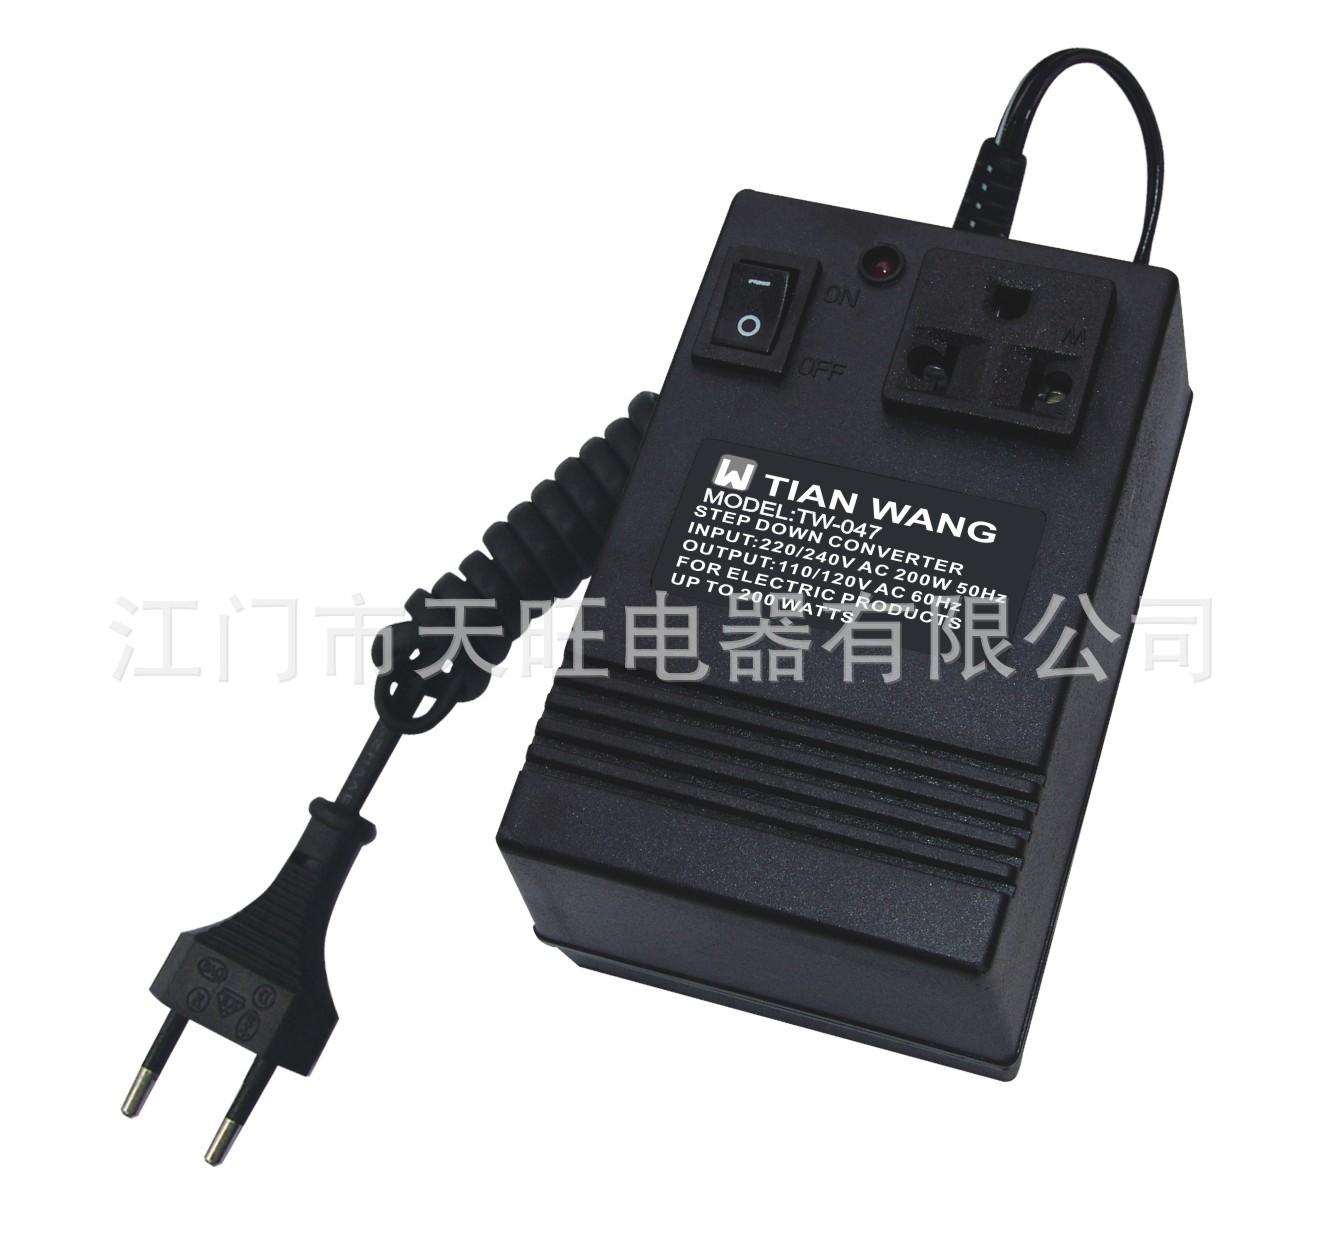 【天旺电器厂家直销】供应电源线插头按钮转换器开关电源